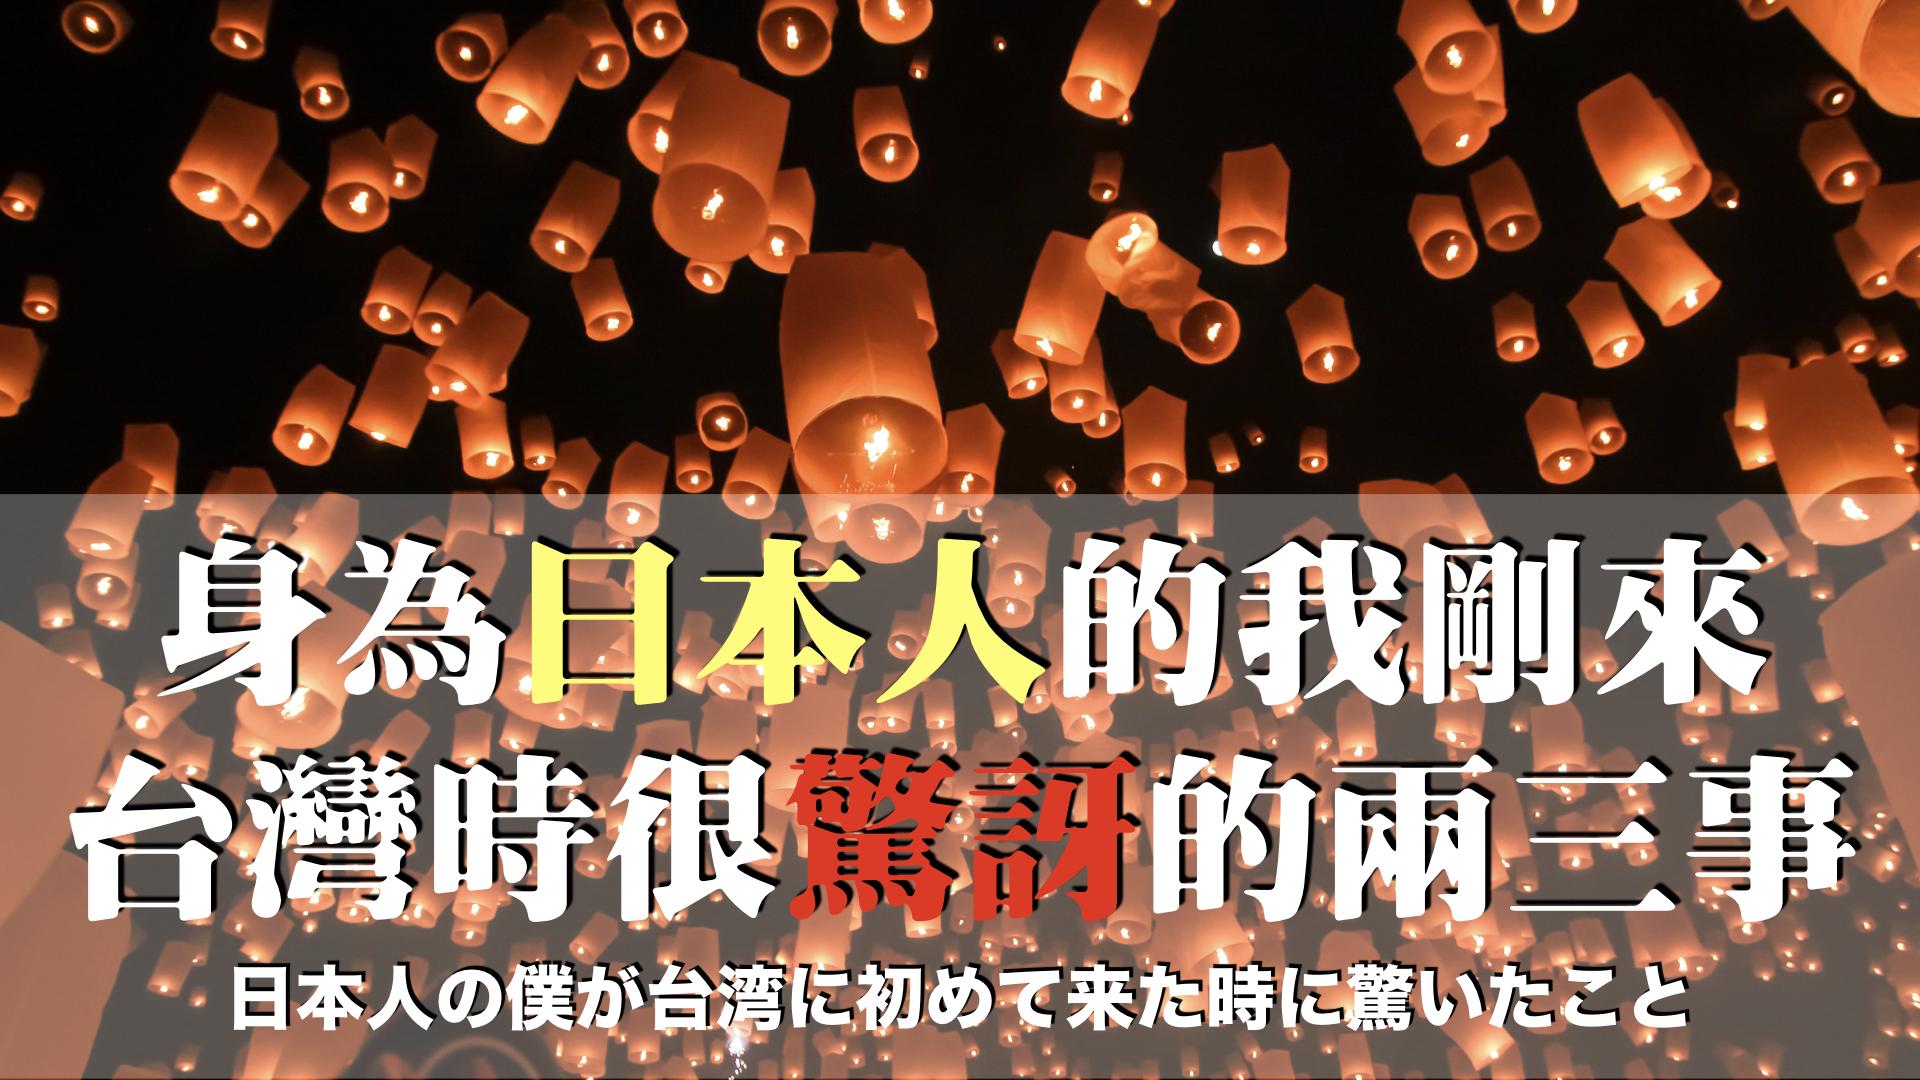 身為日本人的我剛來台灣時很驚訝的兩三事/日本人の僕が台湾に初めて来た時に驚いたこと